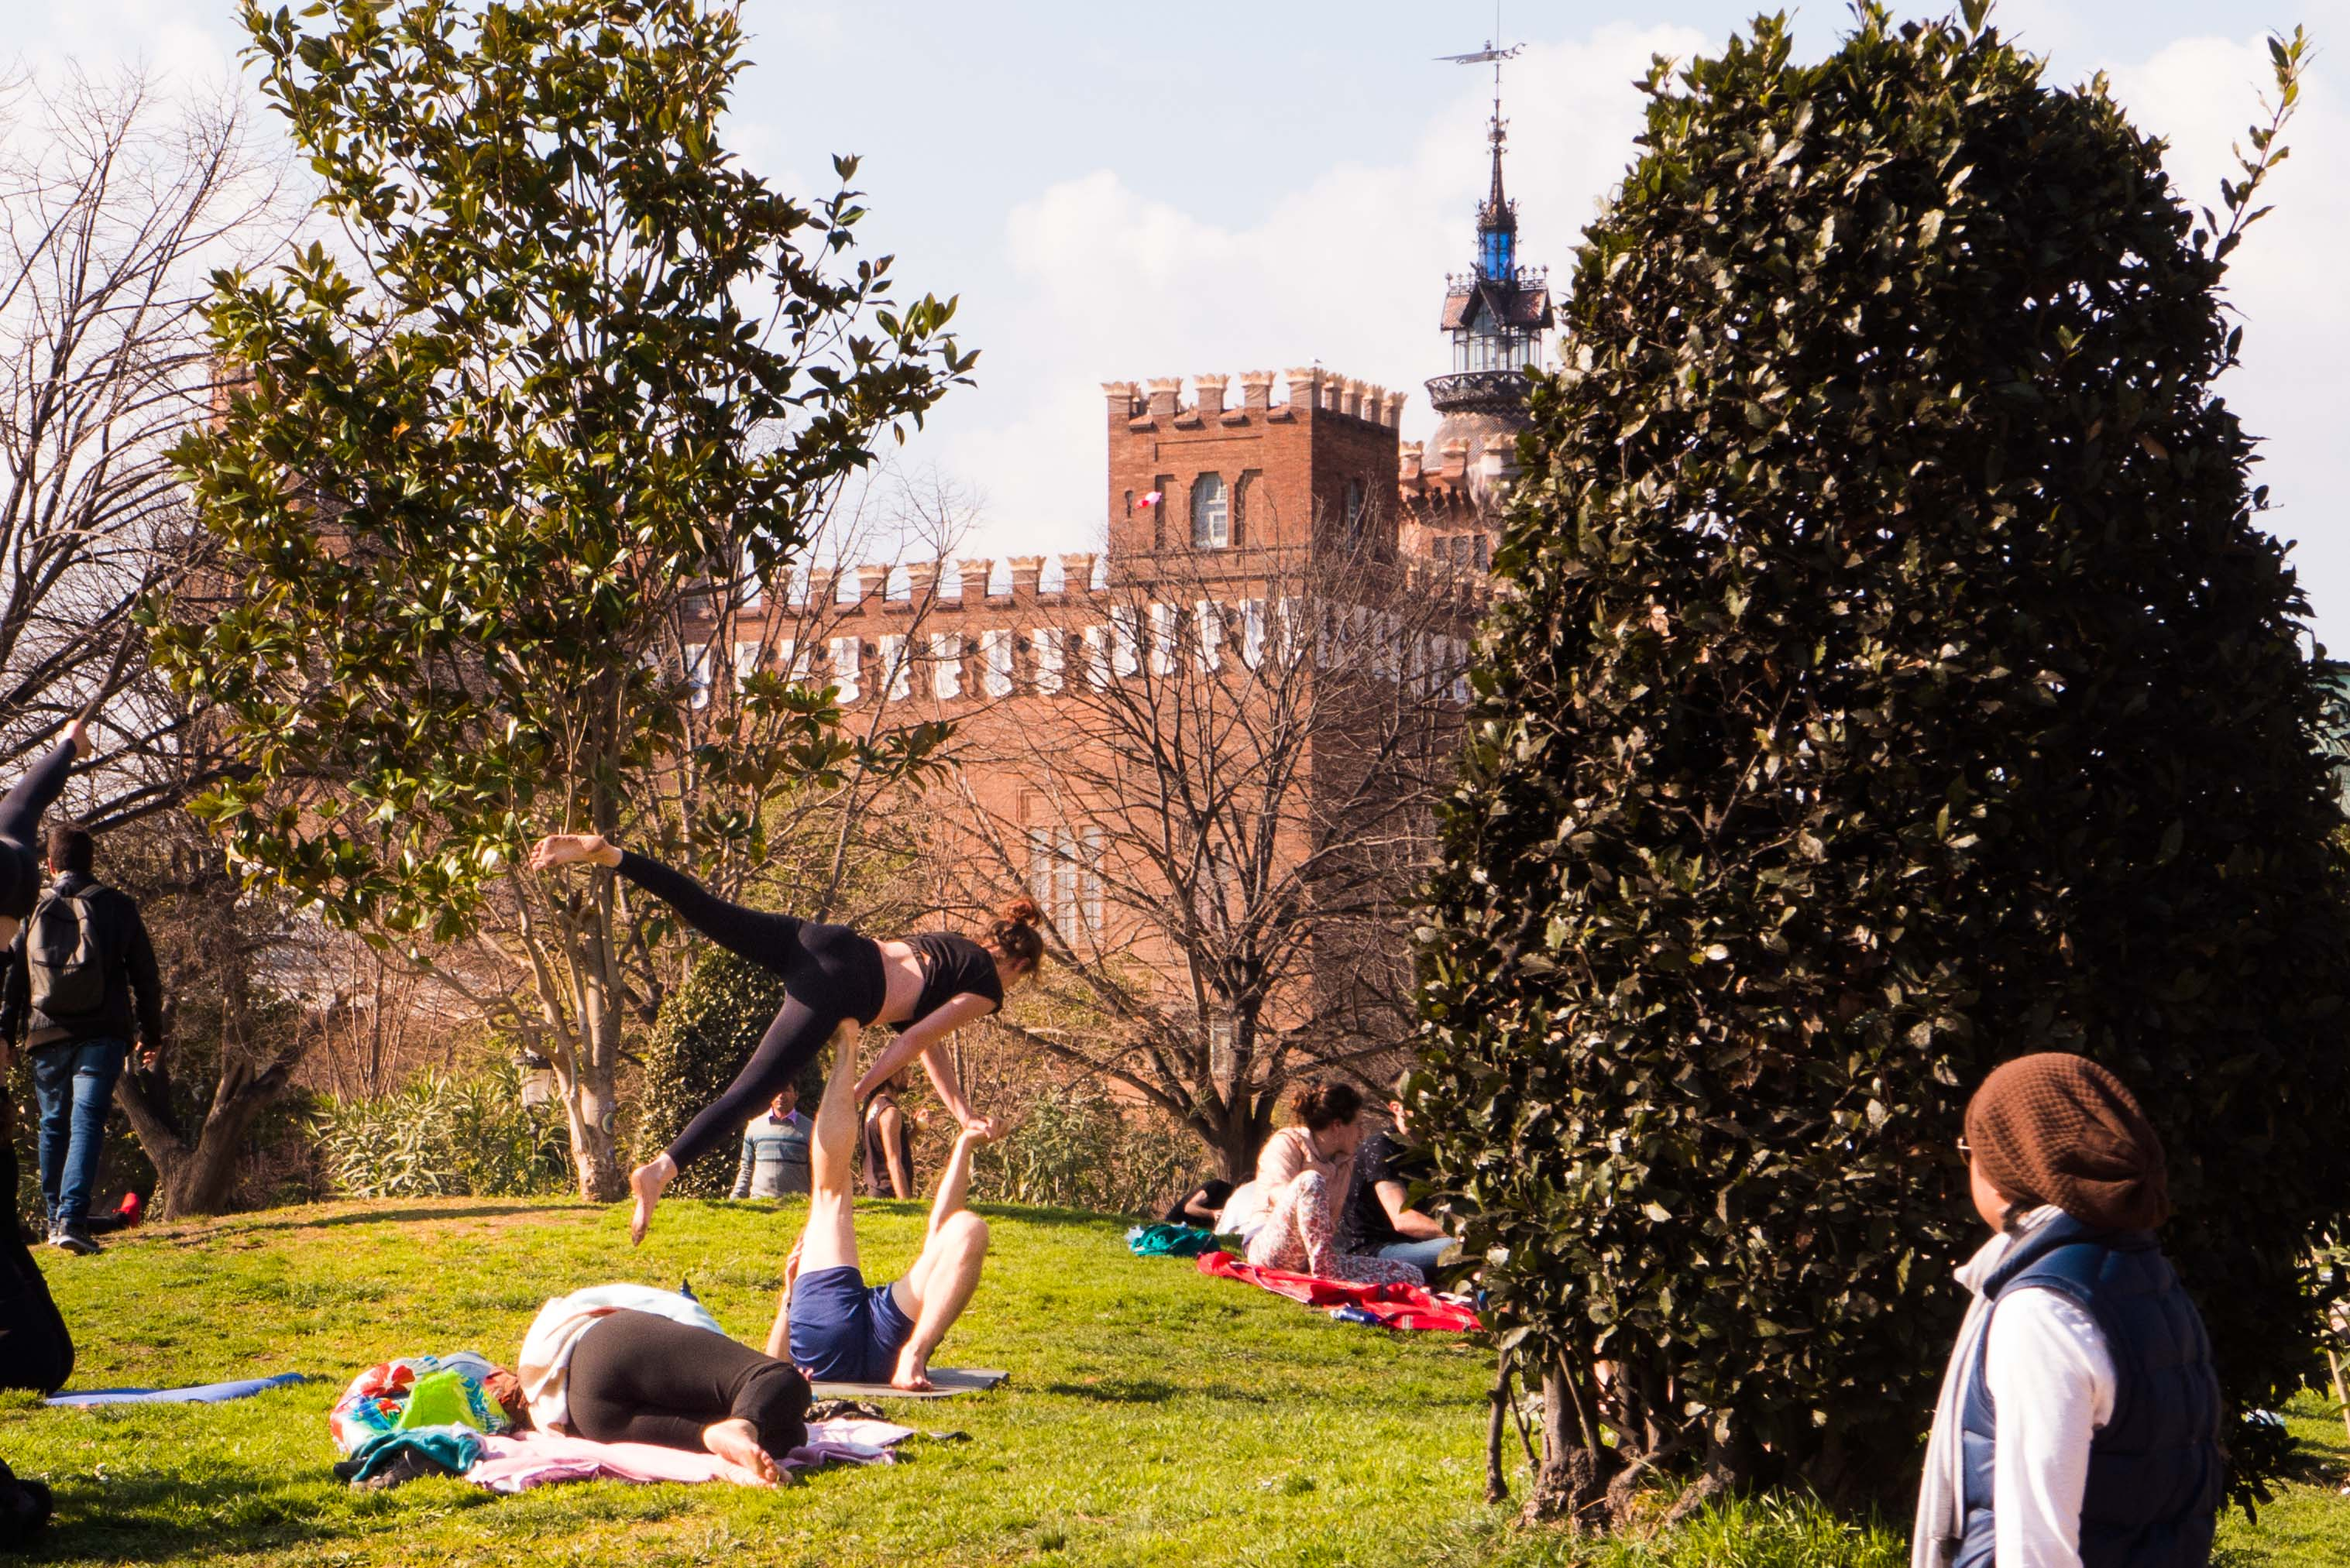 Der Parc de la Ciutadella in Barcelona ist an schönen Tagen ein Treffpunkt für die EInheimischen